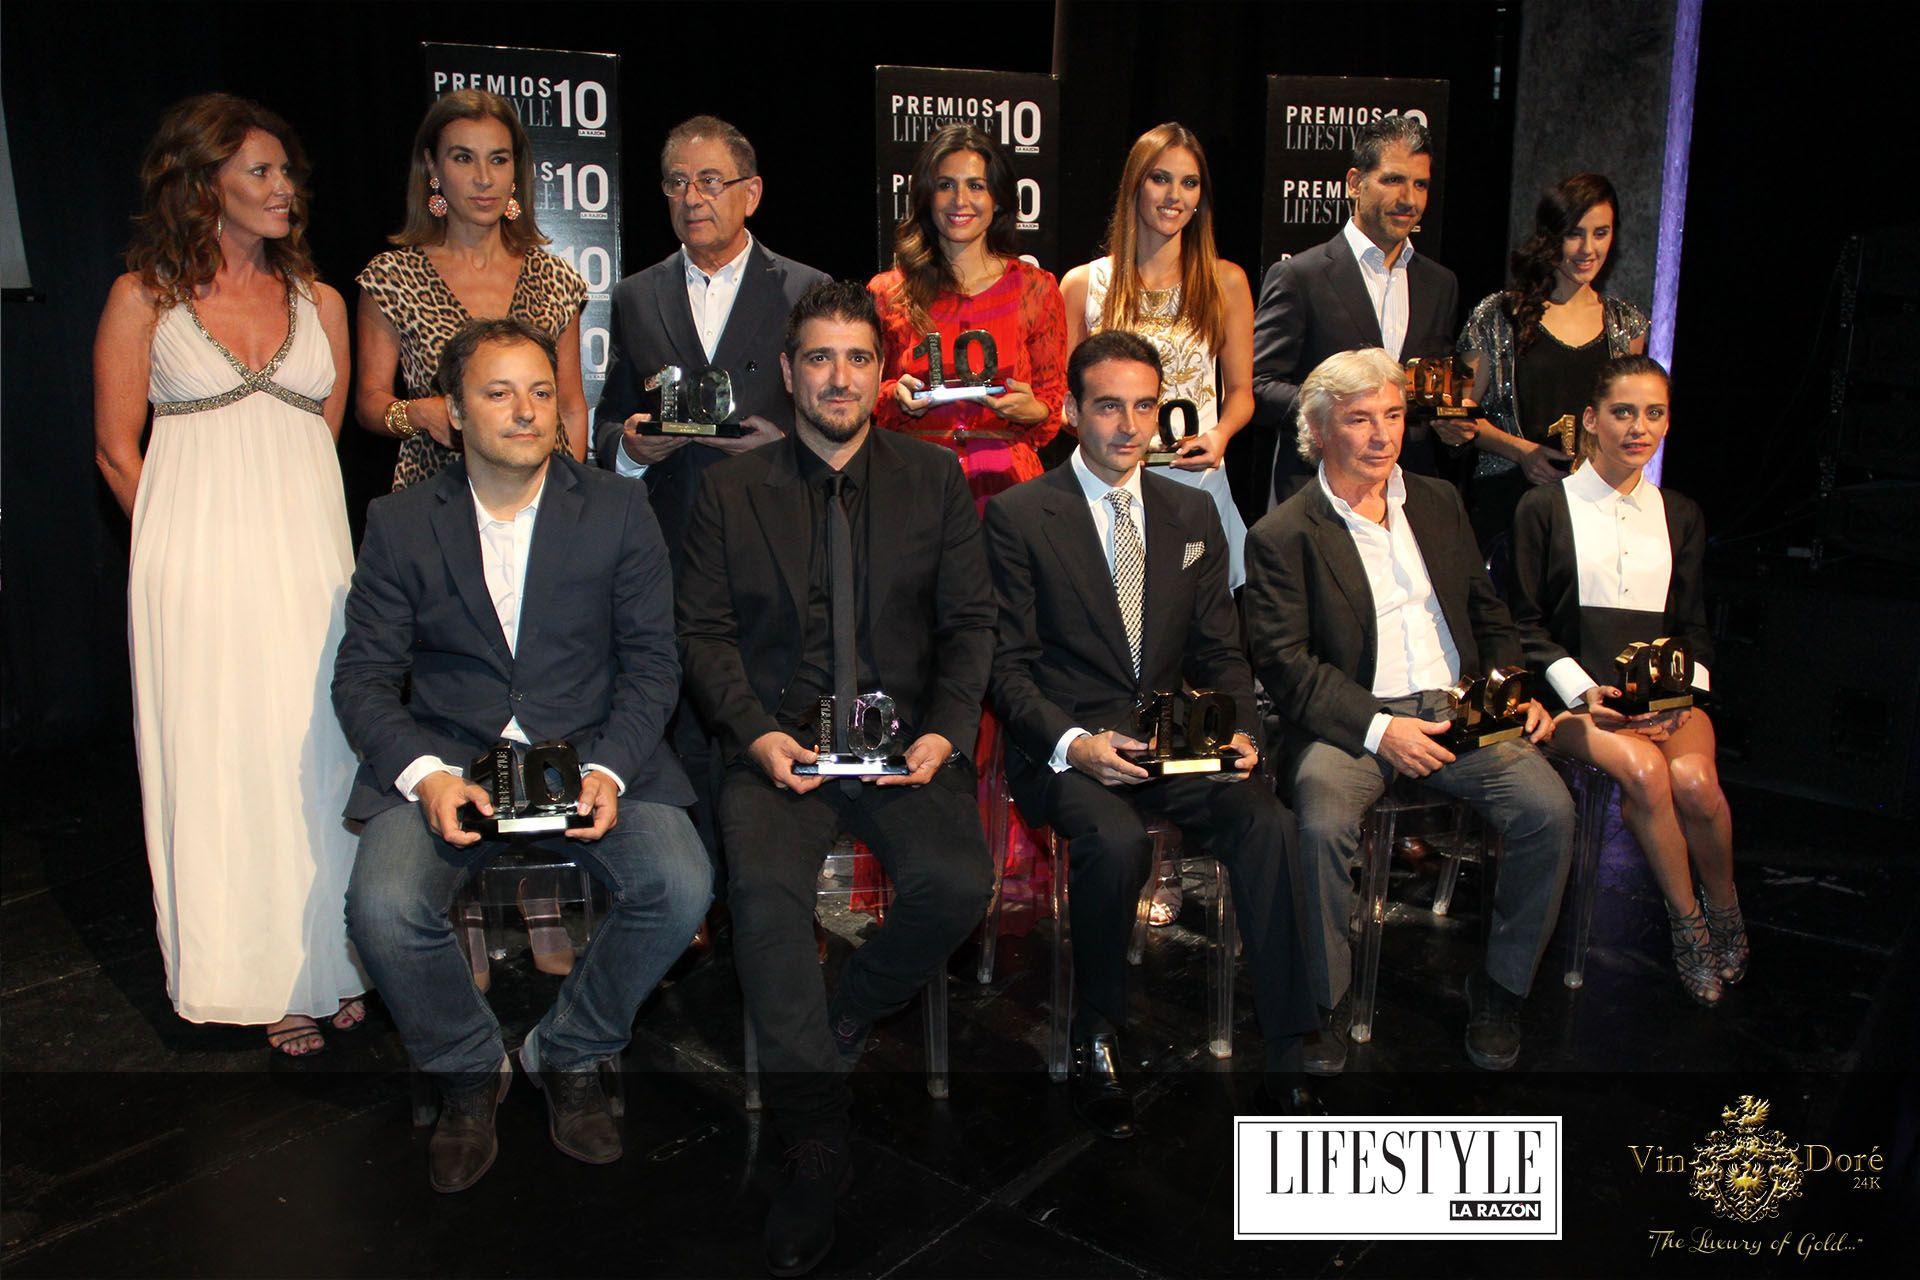 II Premios 10 Lifestyle - Premiados